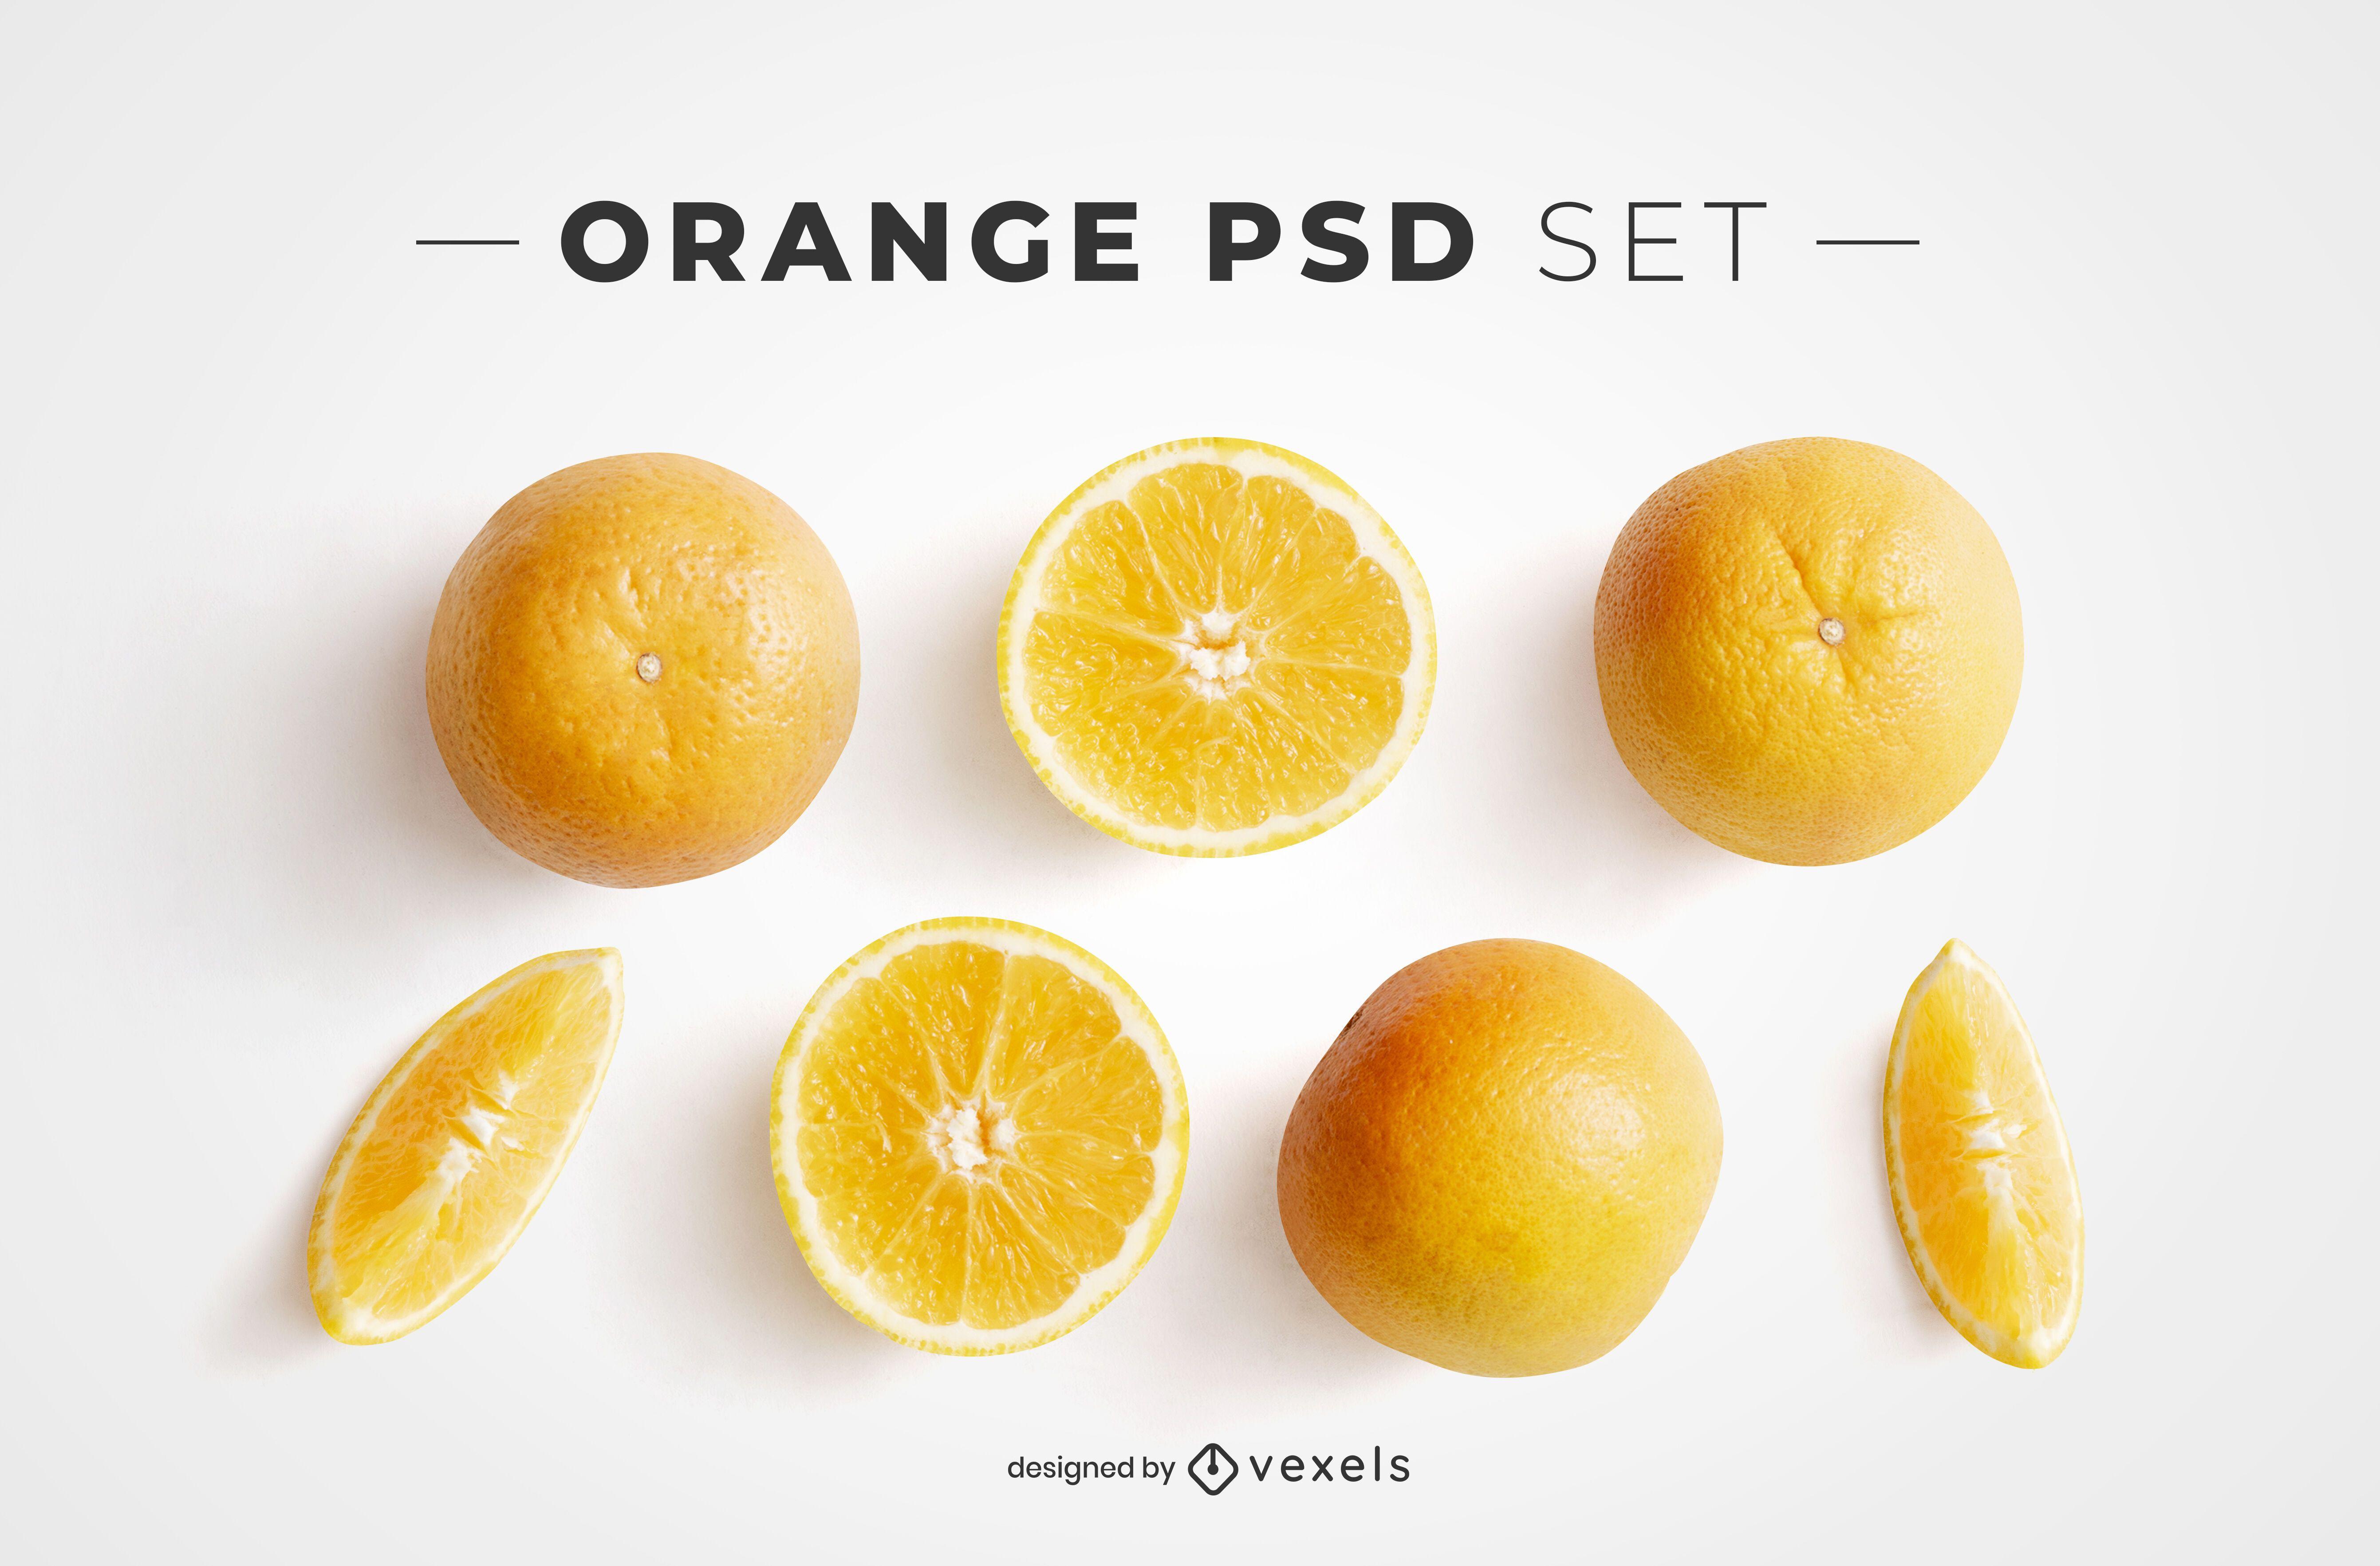 Orange psd elements for mockups